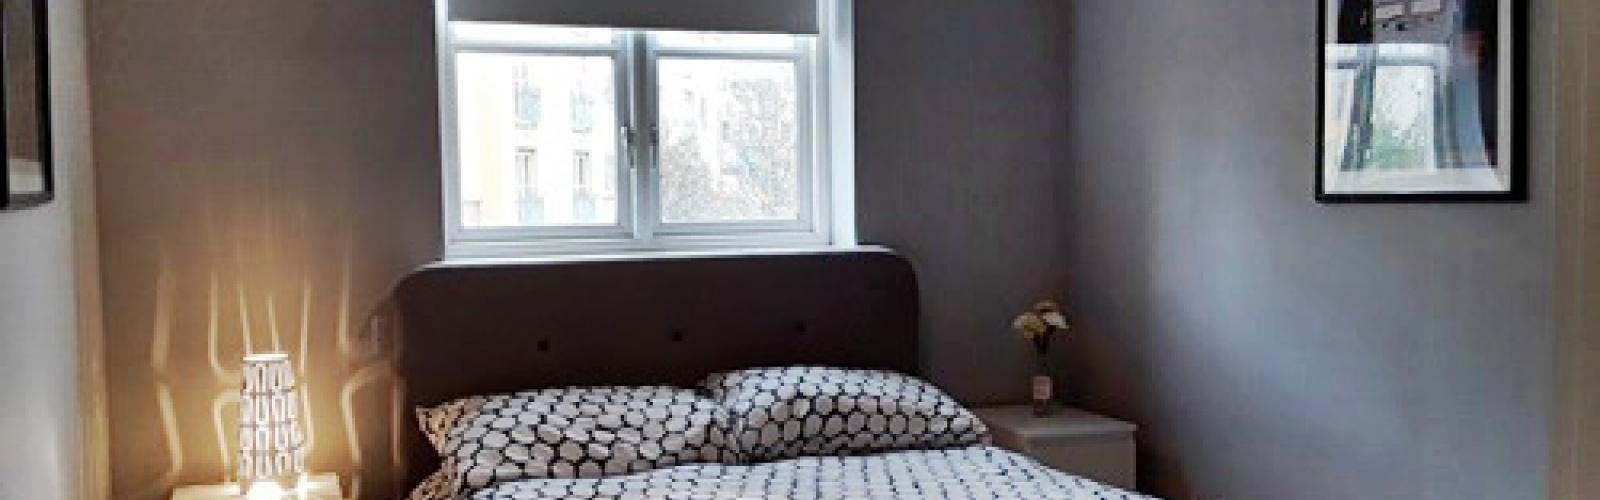 1 Bedroom Bedrooms,1 BathroomBathrooms,Flat,1027